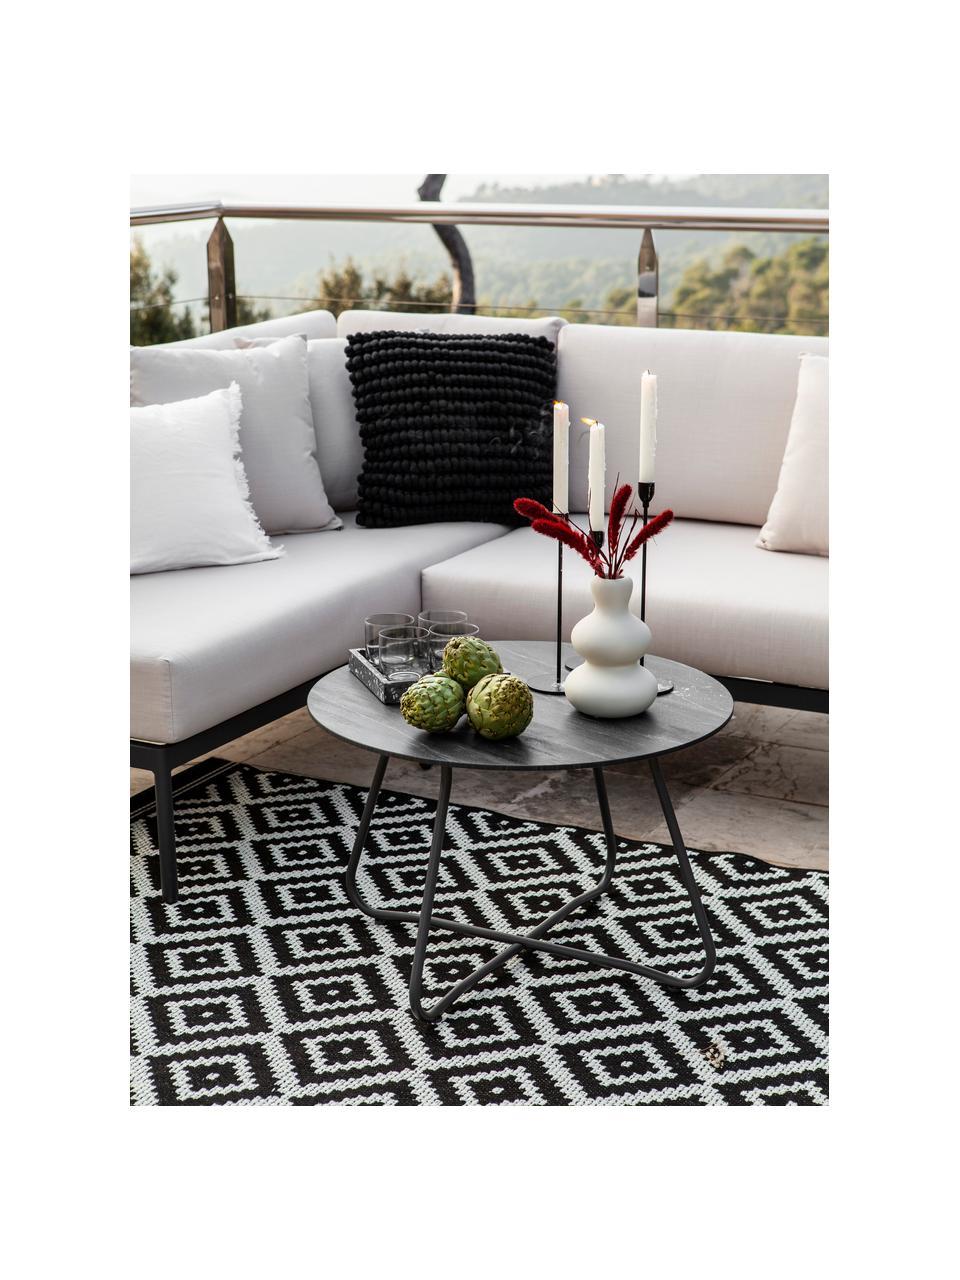 Tappeto nero/bianco da interno-esterno Miami, 86% polipropilene, 14% poliestere, Bianco crema, nero, Larg. 160 x Lung. 230 cm  (taglia M)